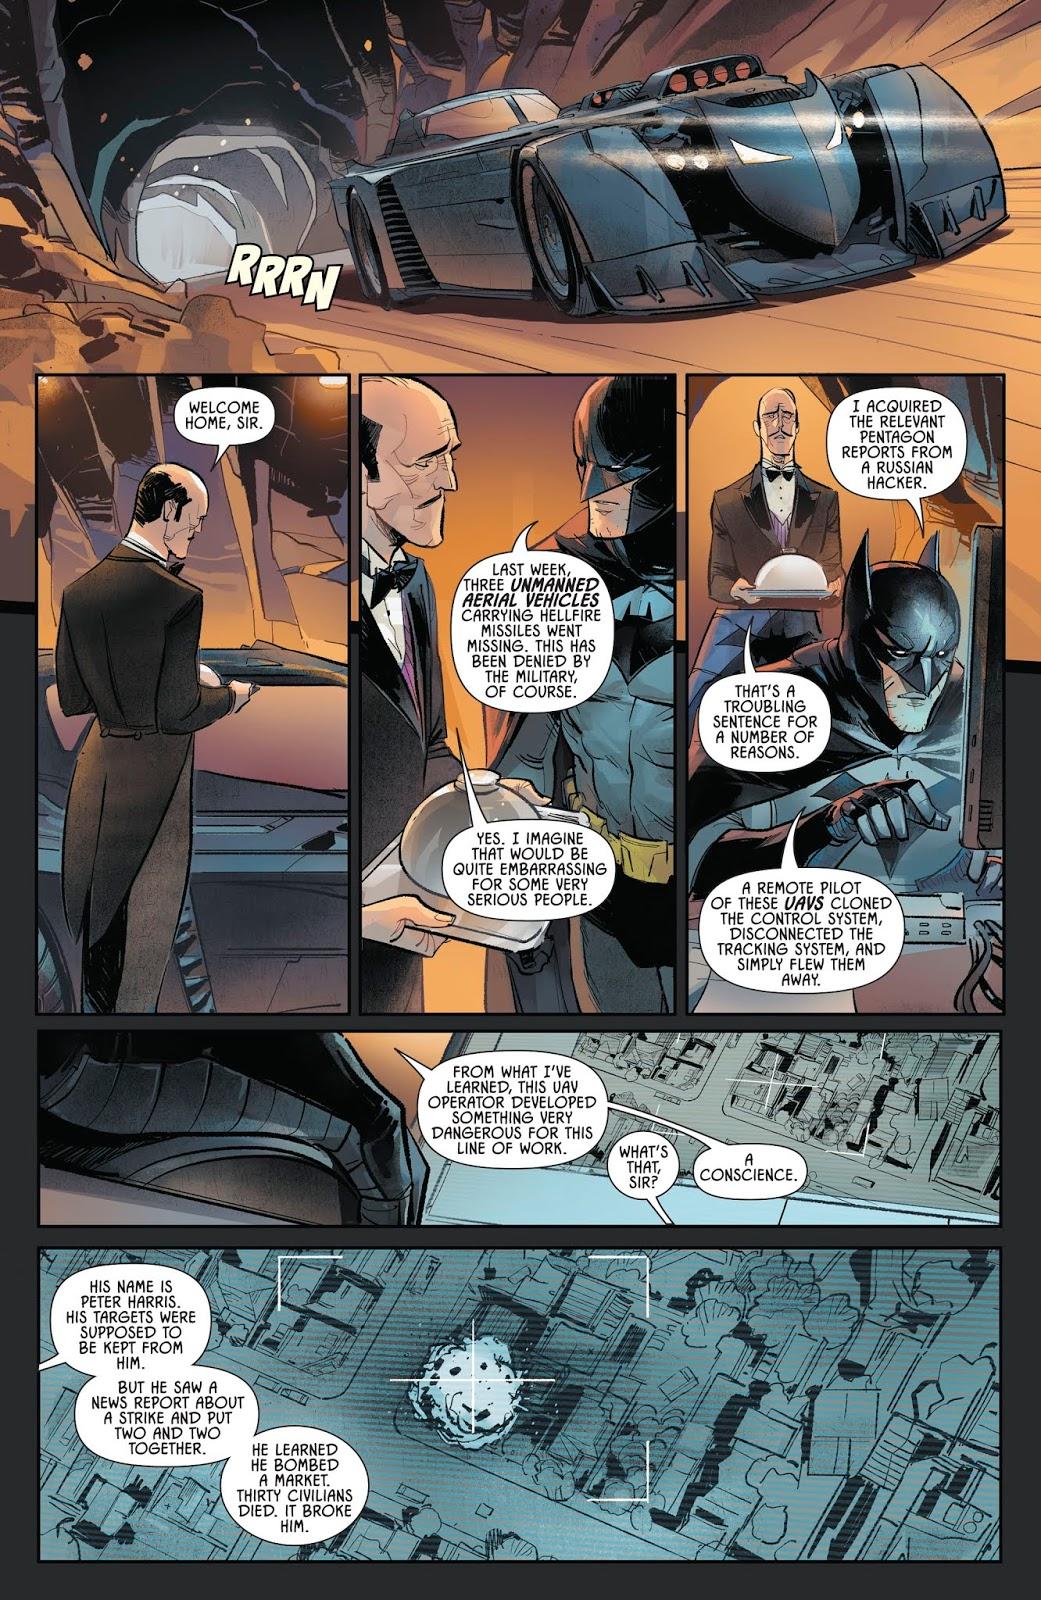 Batman Describes The Drone